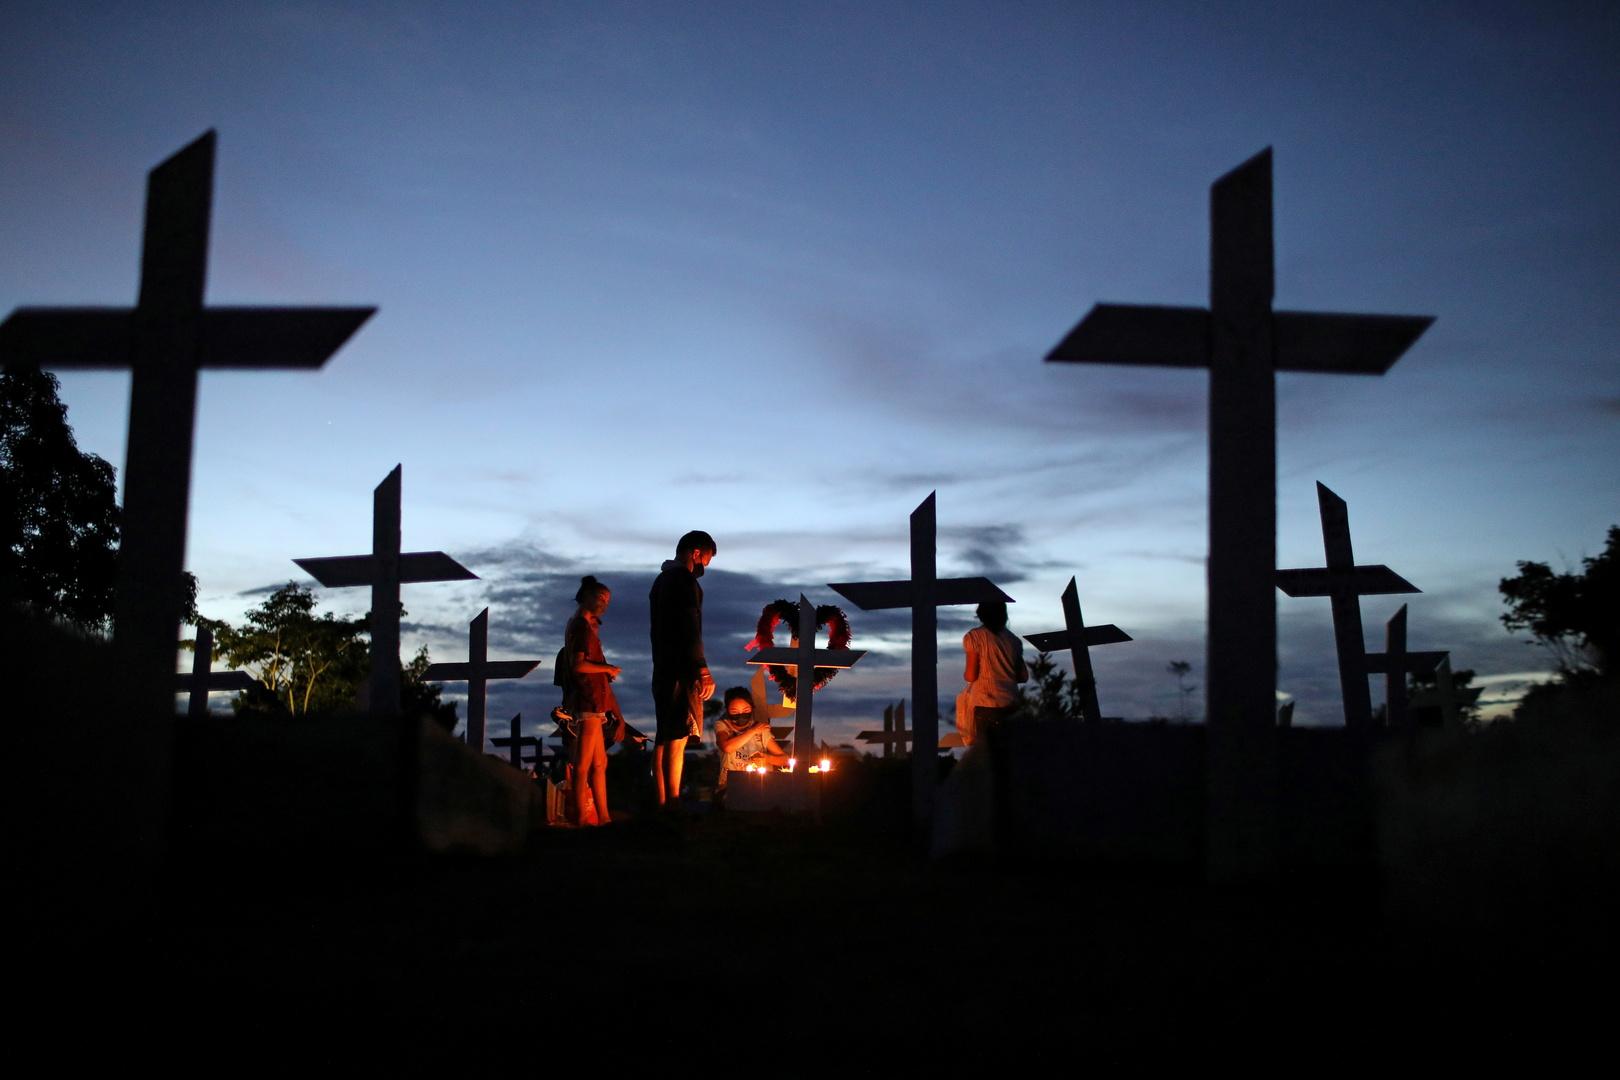 وفيات كورونا في البرازيل تتجاوز 435 ألف حالة